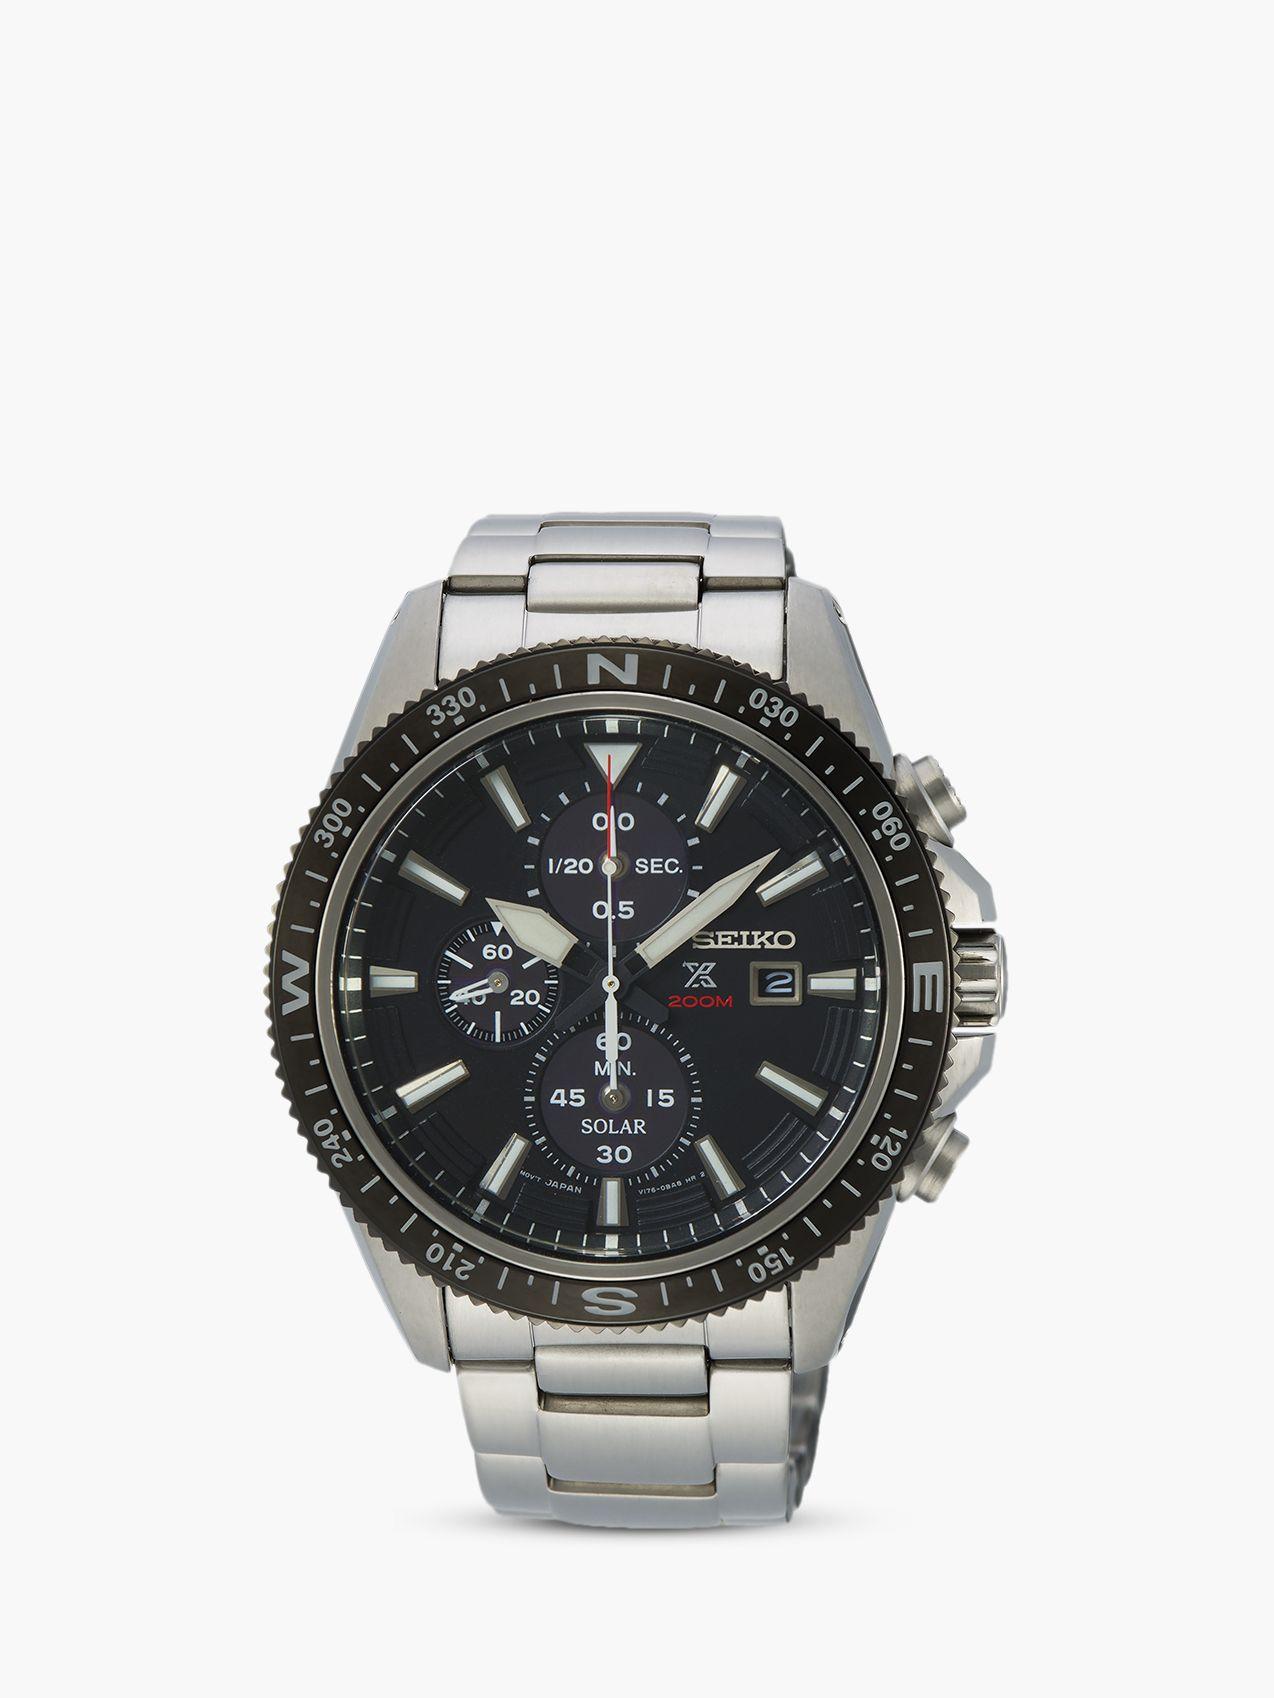 Seiko Seiko SSC705P1 Men's Land Prospex Chronograph Date Bracelet Strap Watch, Silver/Black